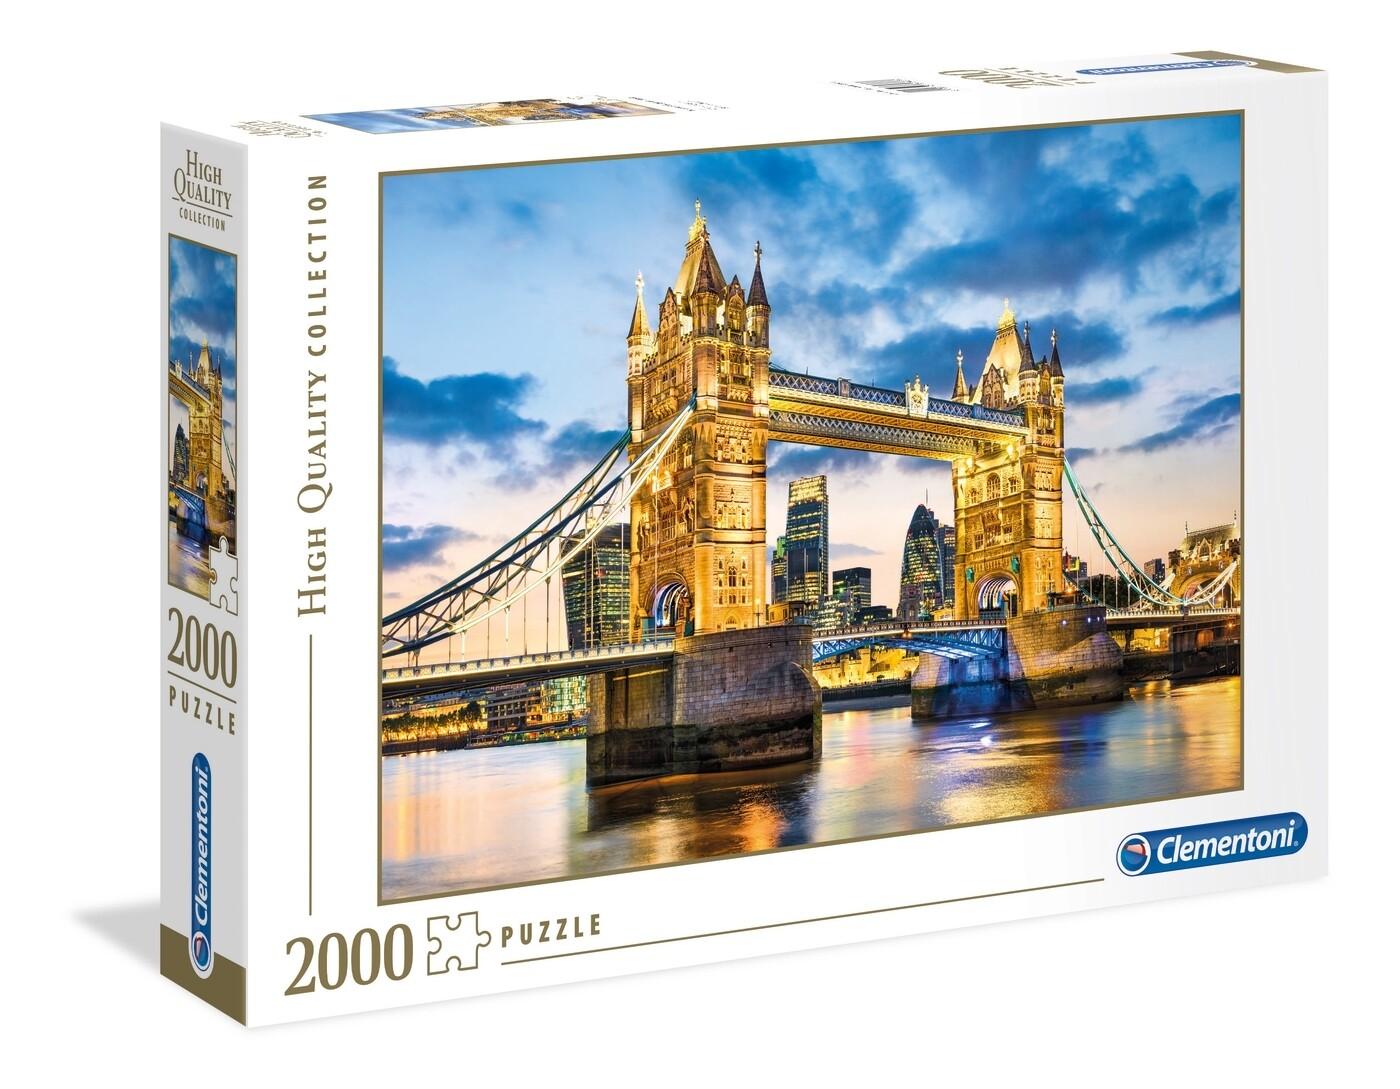 PUZZLE 2000 HQ Tower Bridge at Dusk - CLEMENTONI